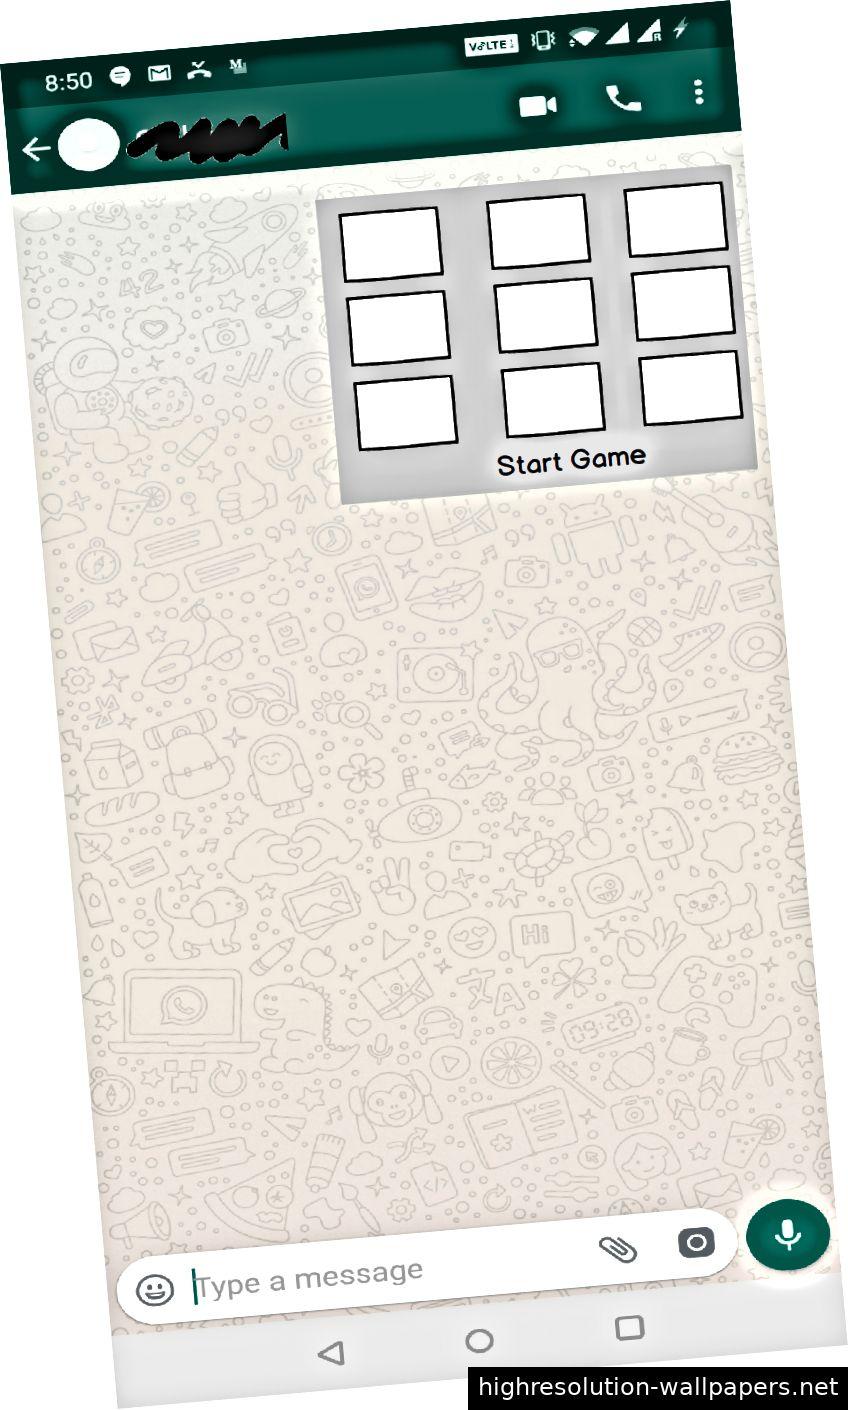 Bildschirm 5: Das eingebettete Spiel